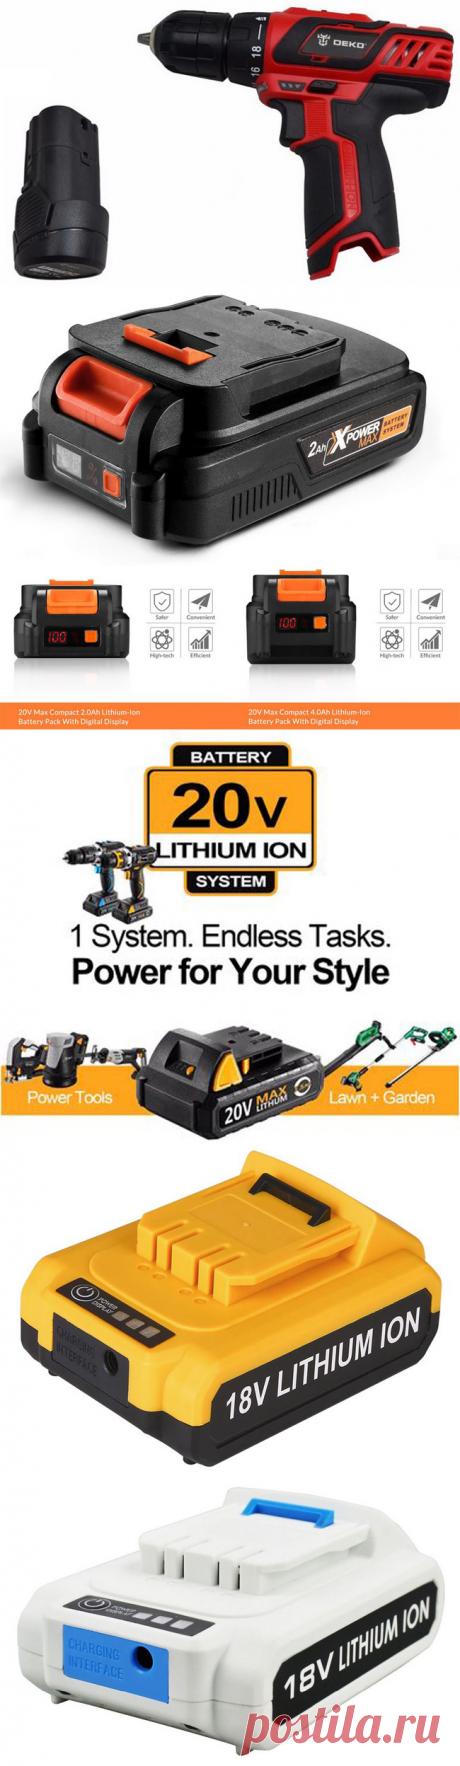 Подборка аккумуляторных литиевых батарей DEKO с Алиэкспресс | Super-Blog